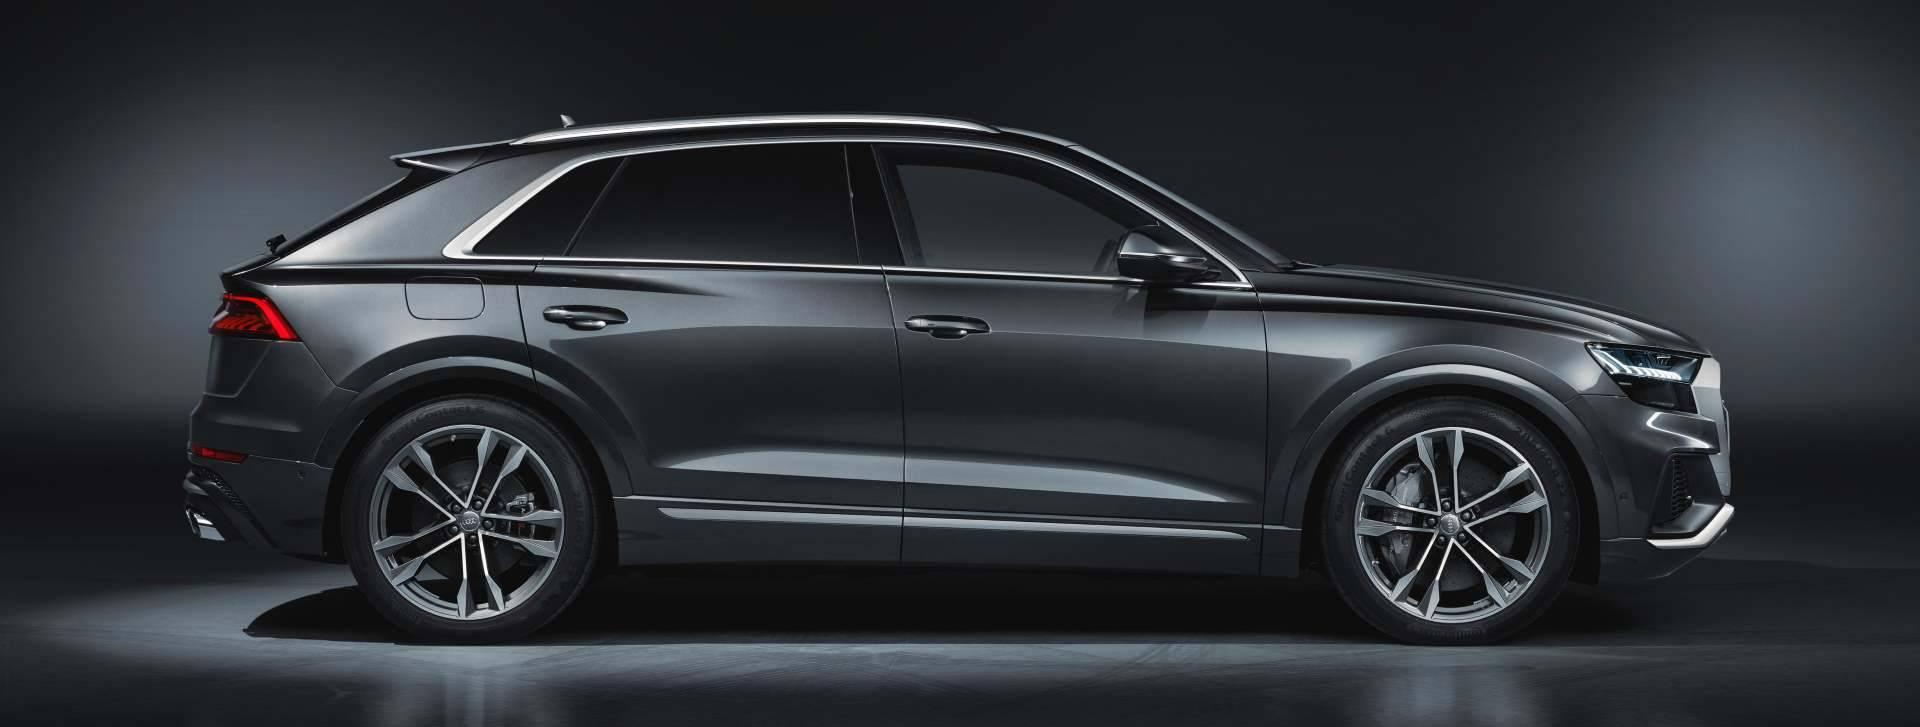 Nouvelle Audi SQ8 TDI 2019 photo extérieur gris